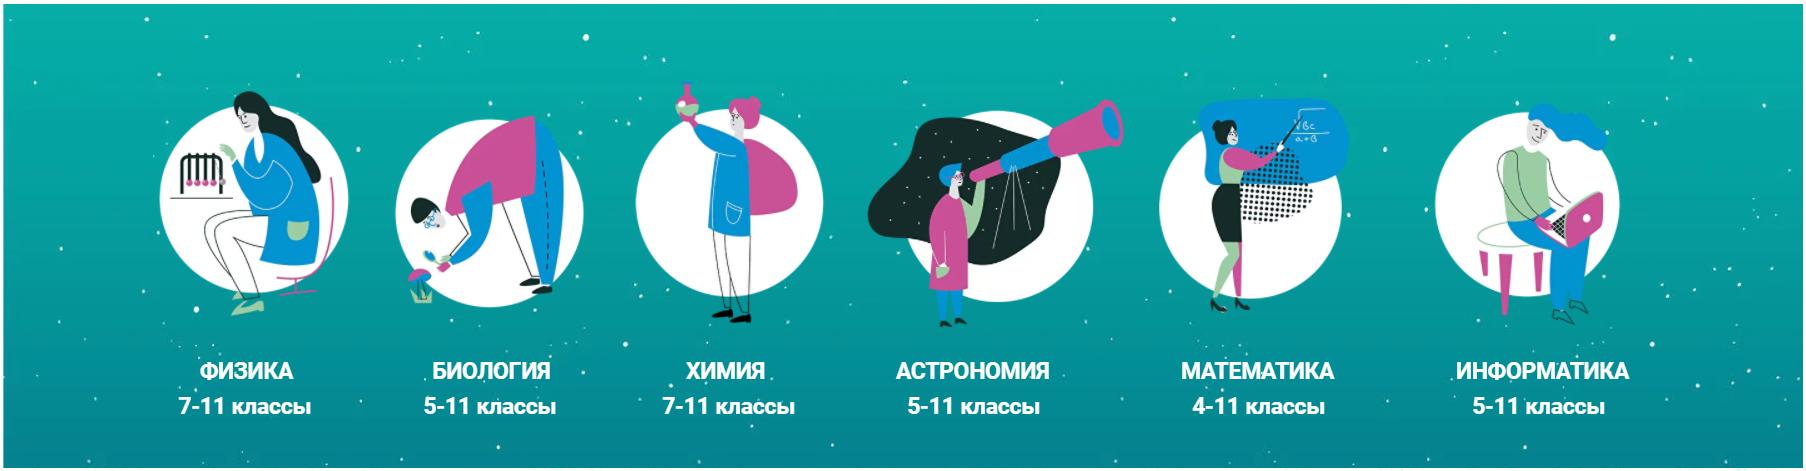 Школьный этап всероссийской олимпиады школьников  https://siriusolymp.ru/